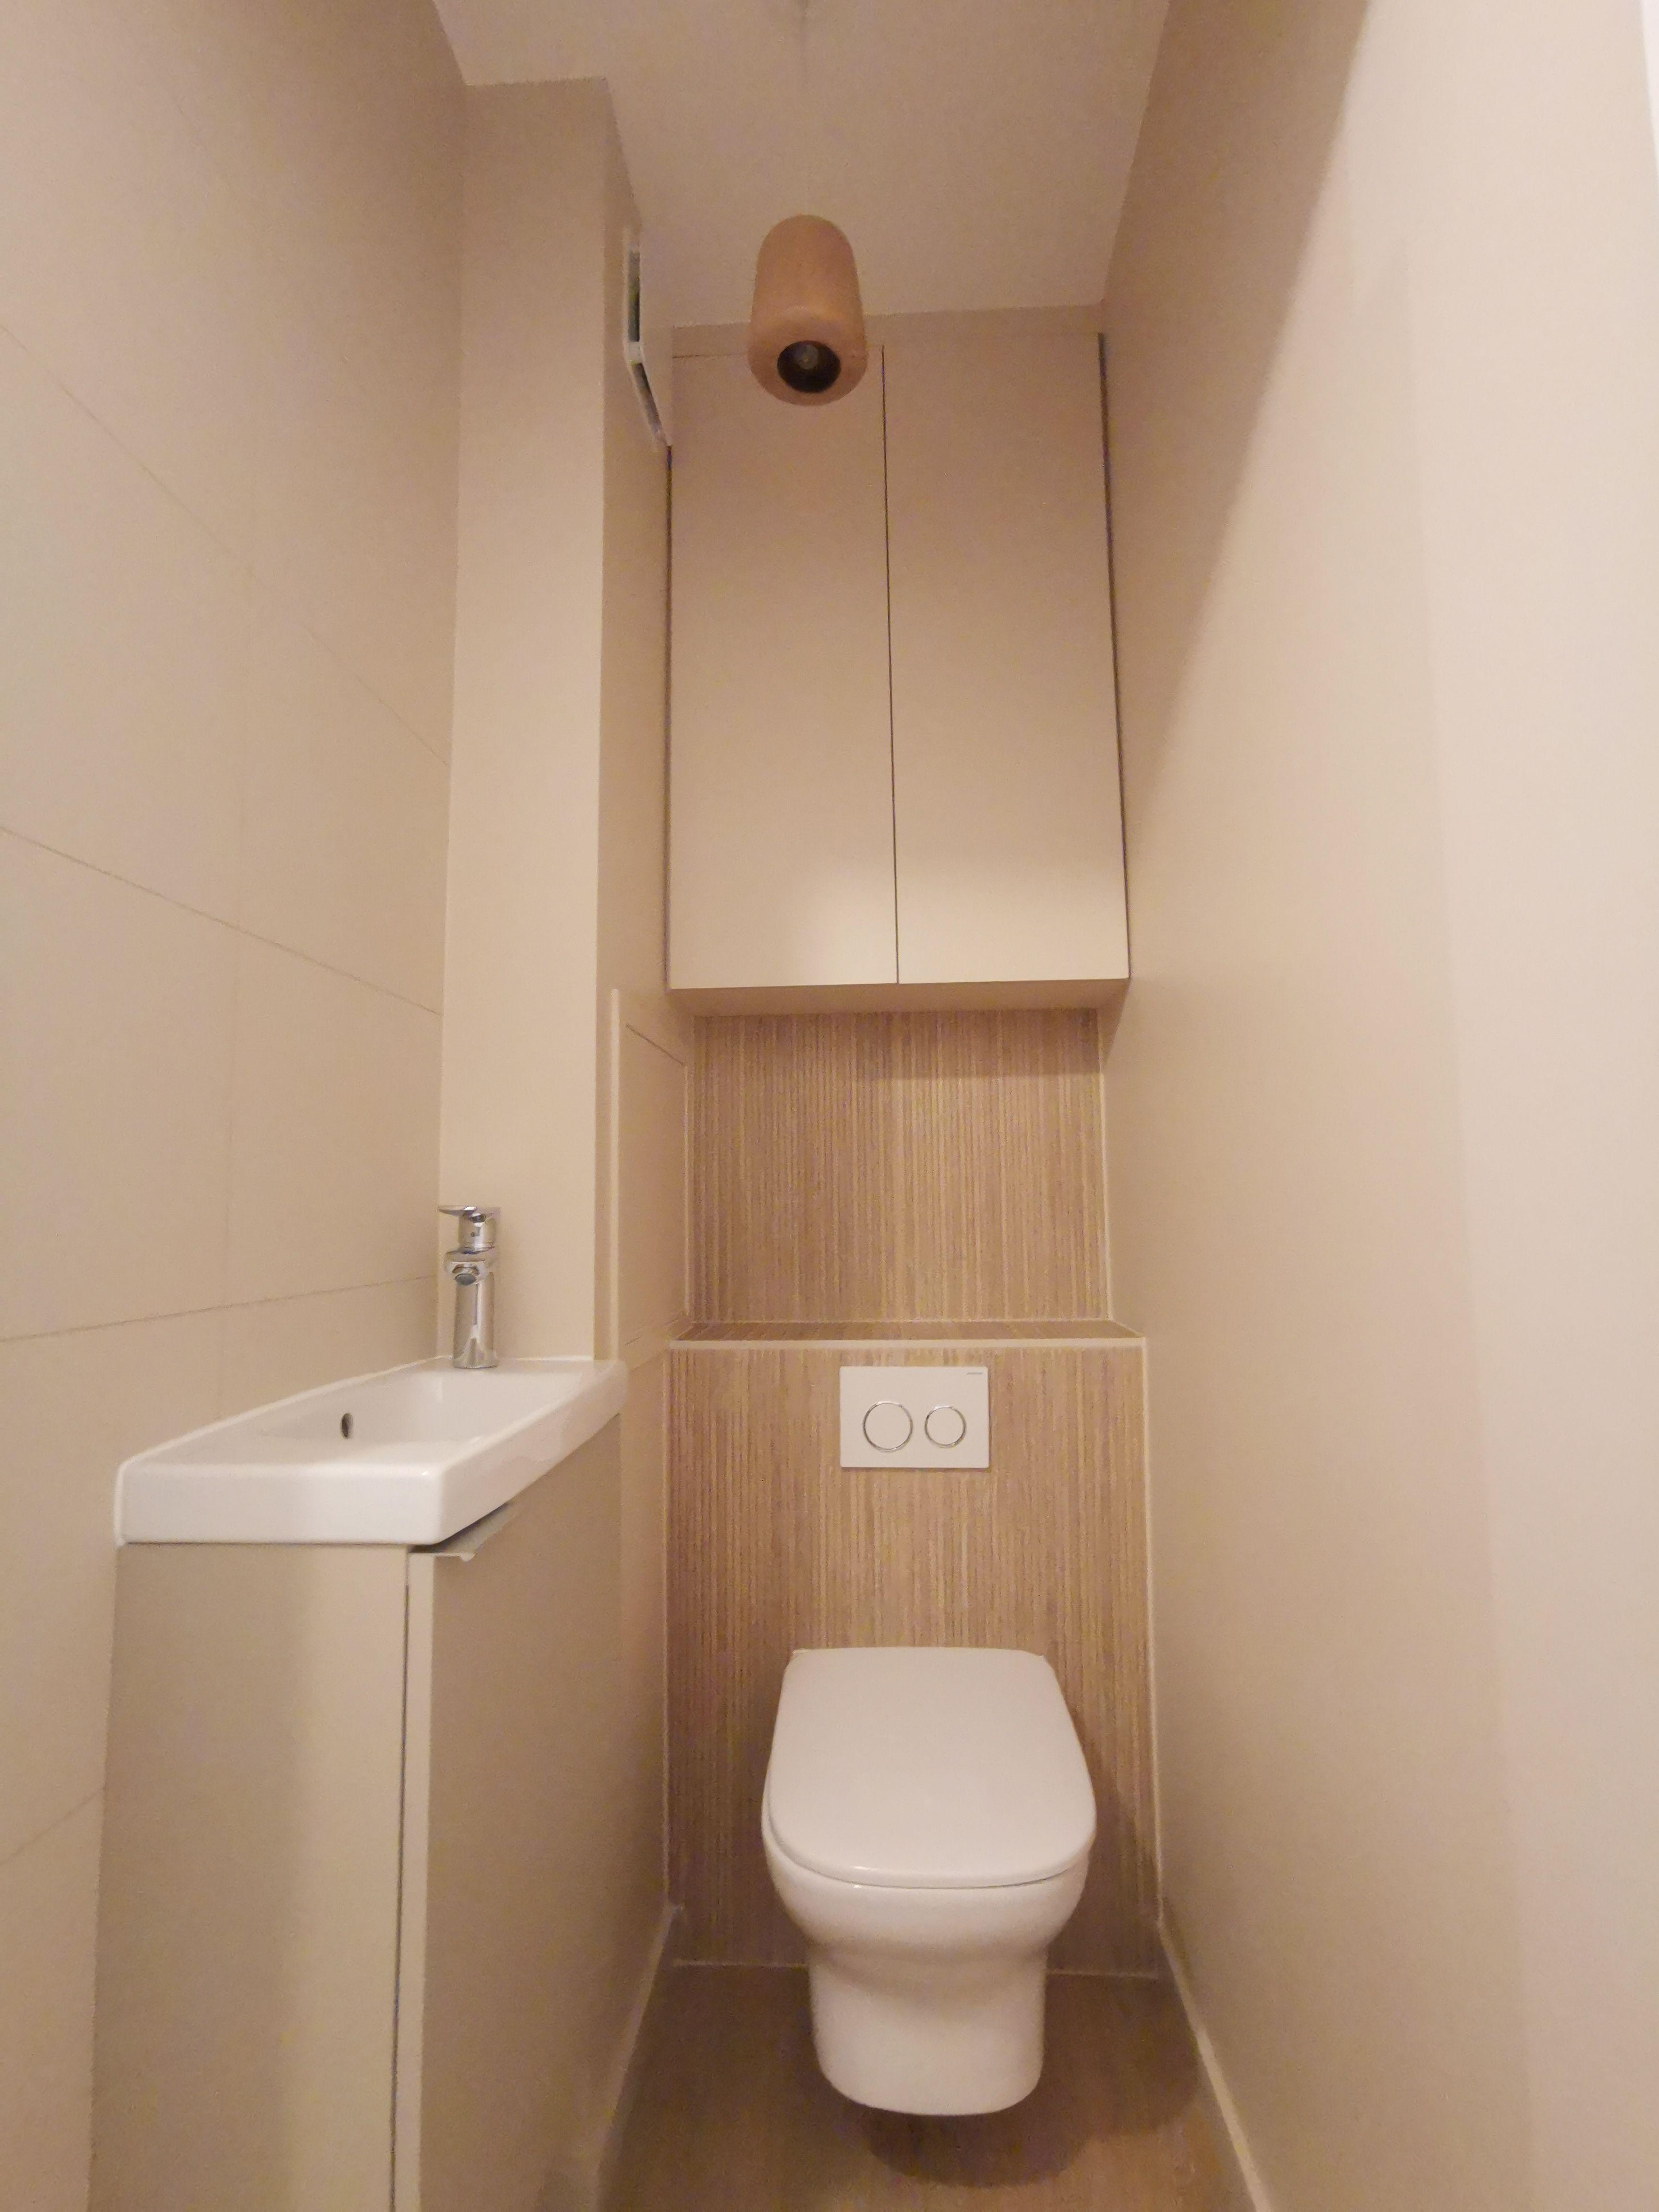 Wc Renove Par Nuance D Interieur En 2020 Meuble Wc Suspendu Amenagement Toilettes Relooking Toilettes